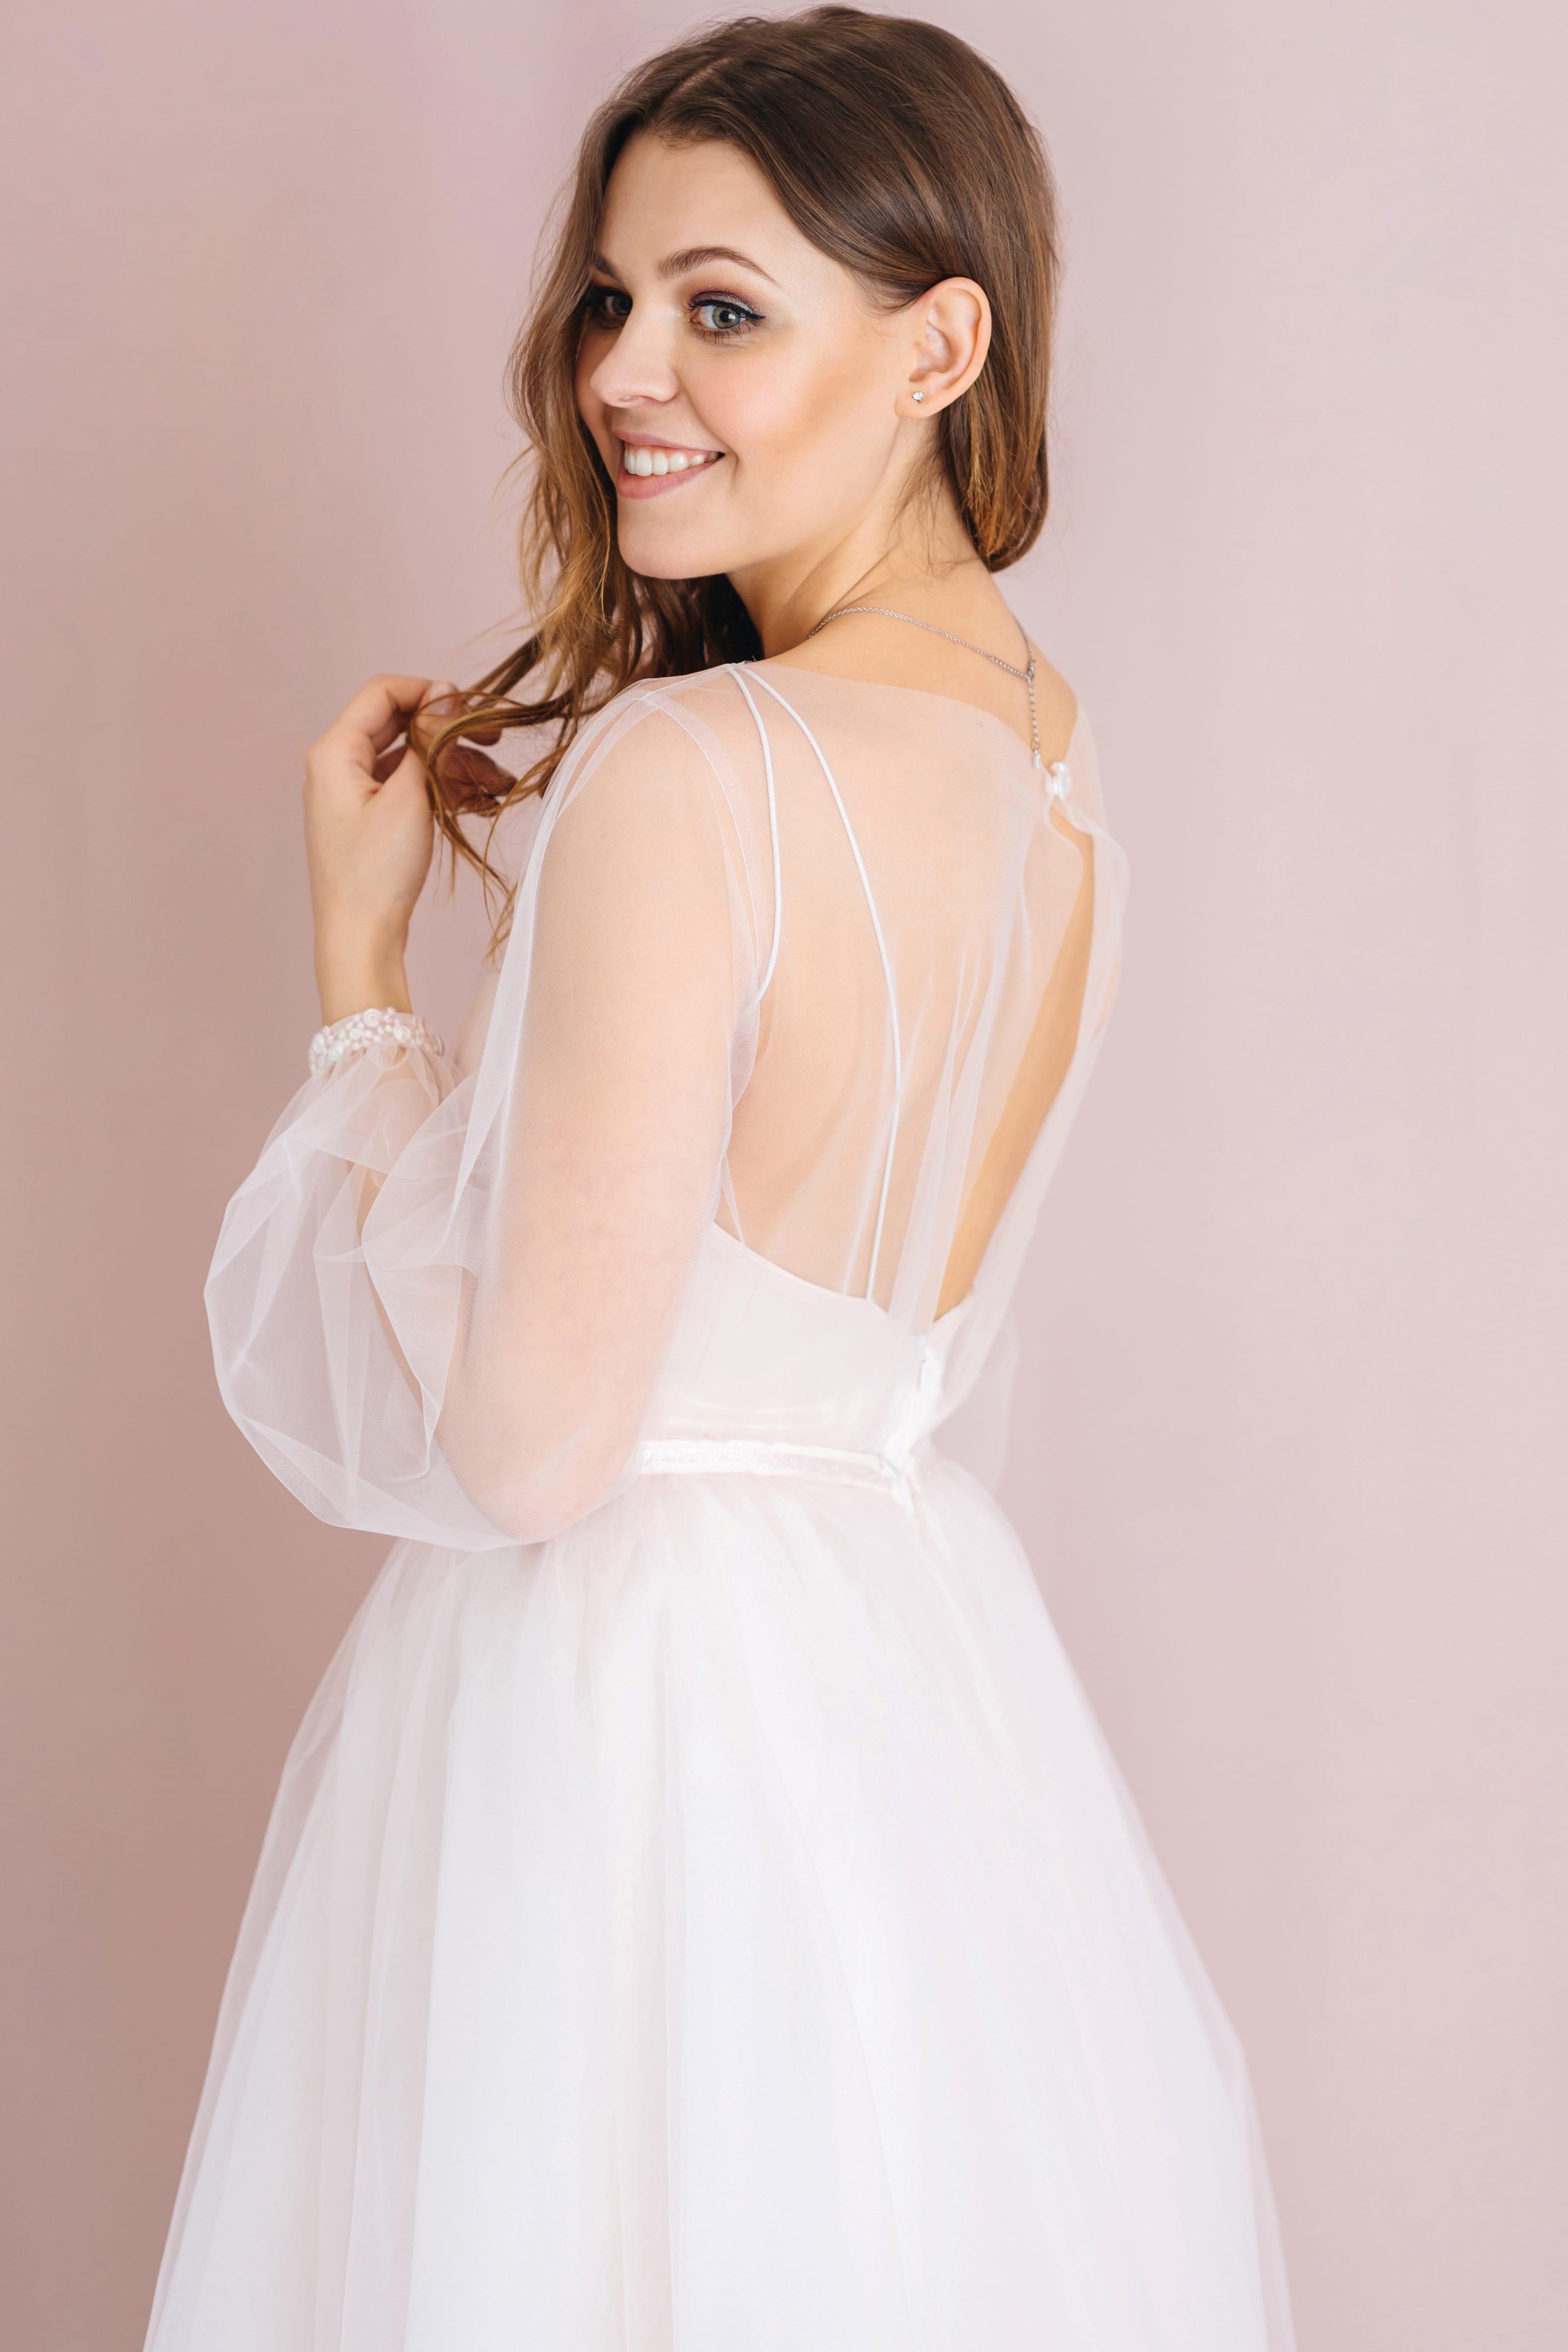 Свадебное платье FERGY, коллекция LOFT, бренд RARE BRIDAL, фото 4